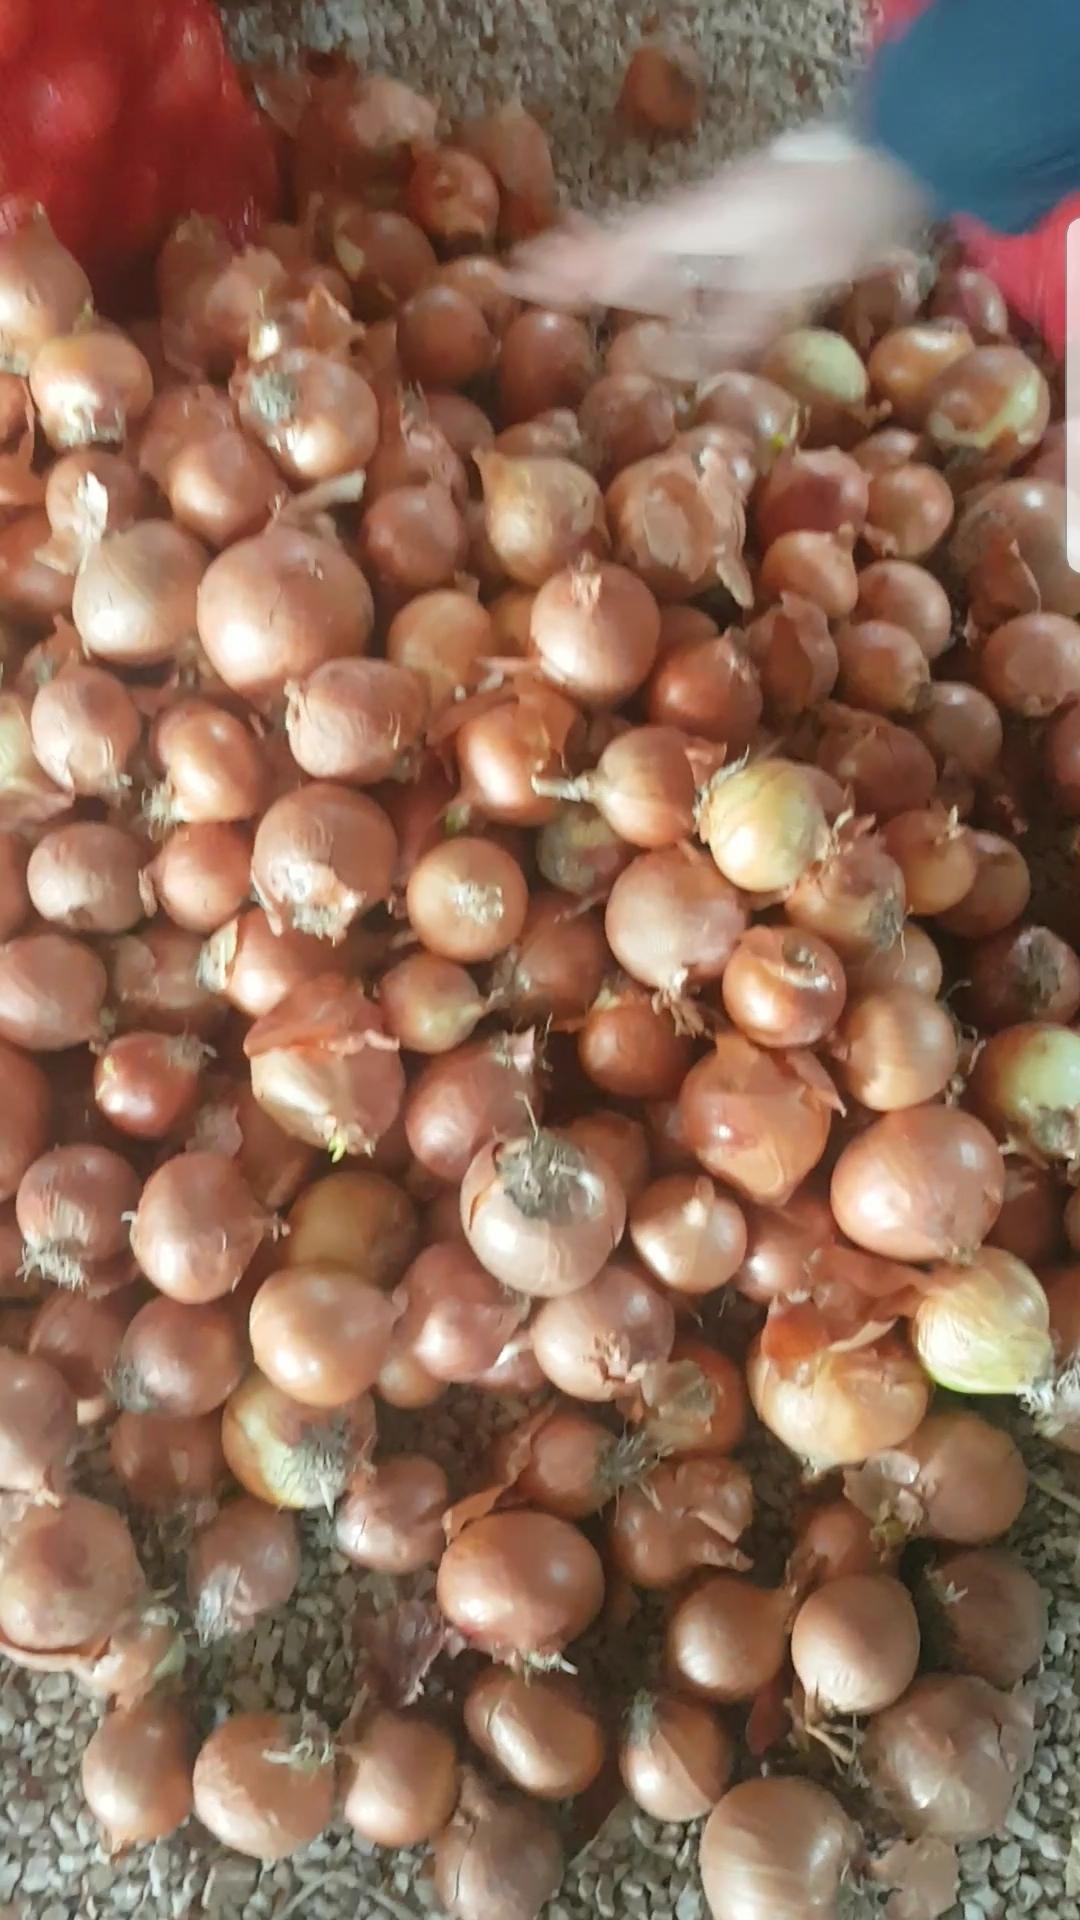 Polatlı Son 170 Ton Kuru Soğan resimi fotoğrafı